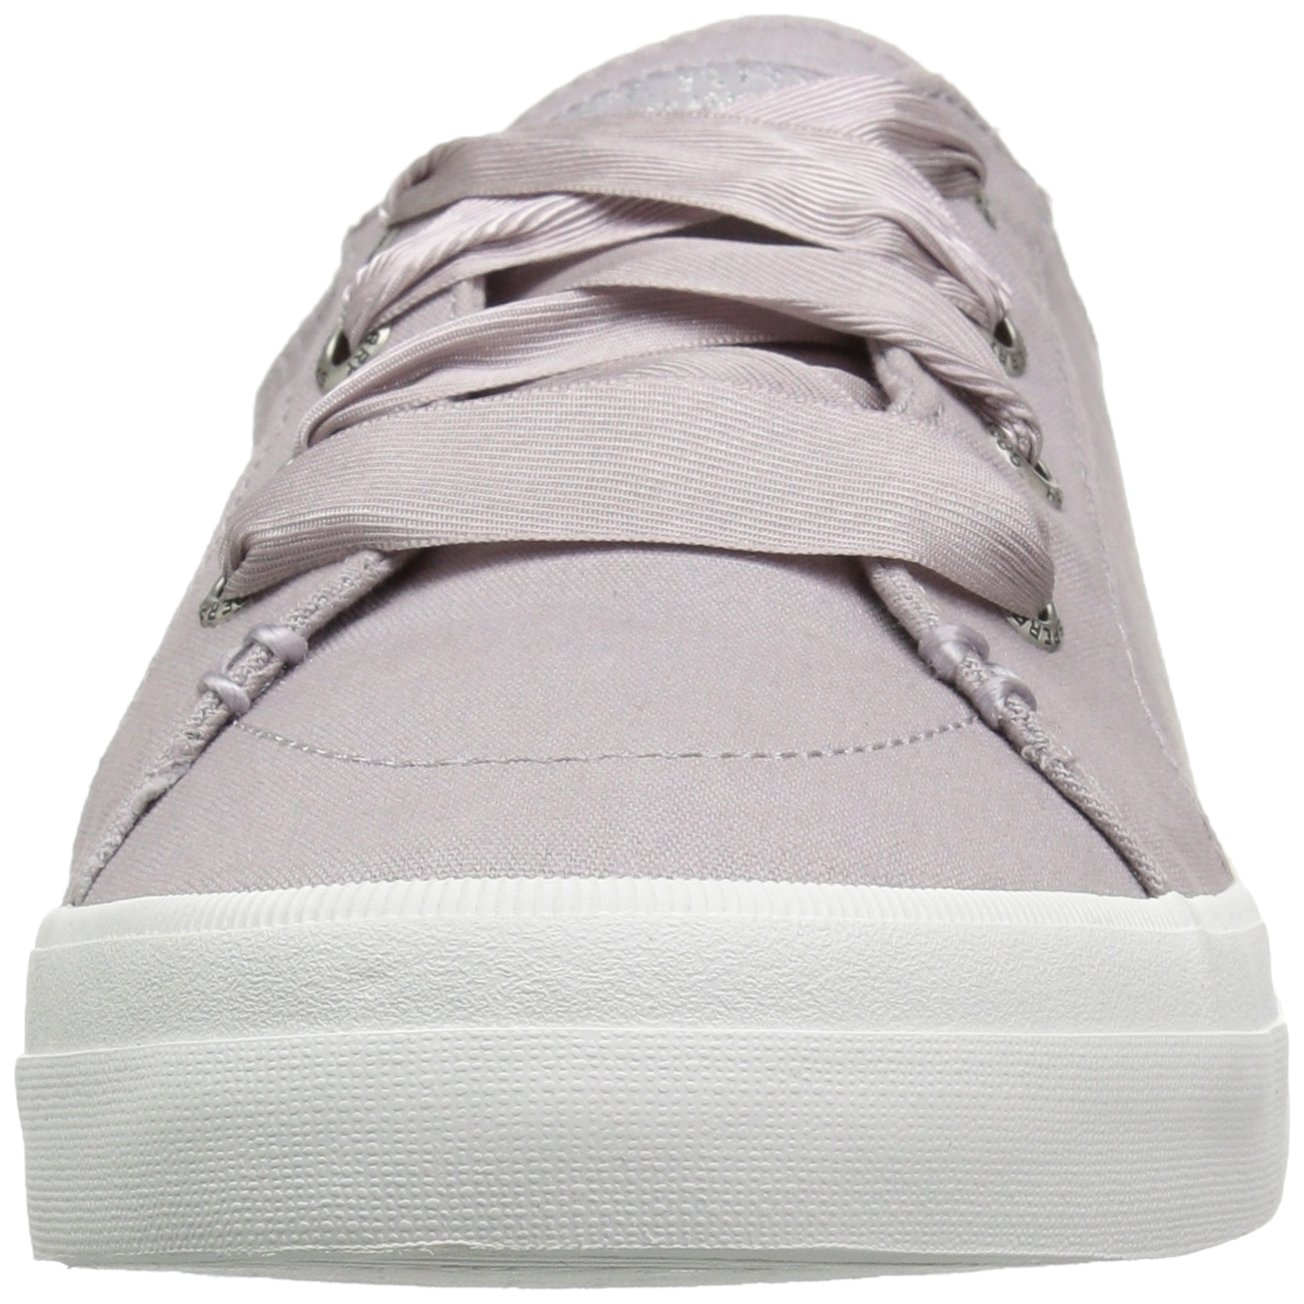 Sperry Top-Sider Women's Crest Vibe Satin Lace Sneaker B076JNQFFK W 075 Wide US|Light Purple